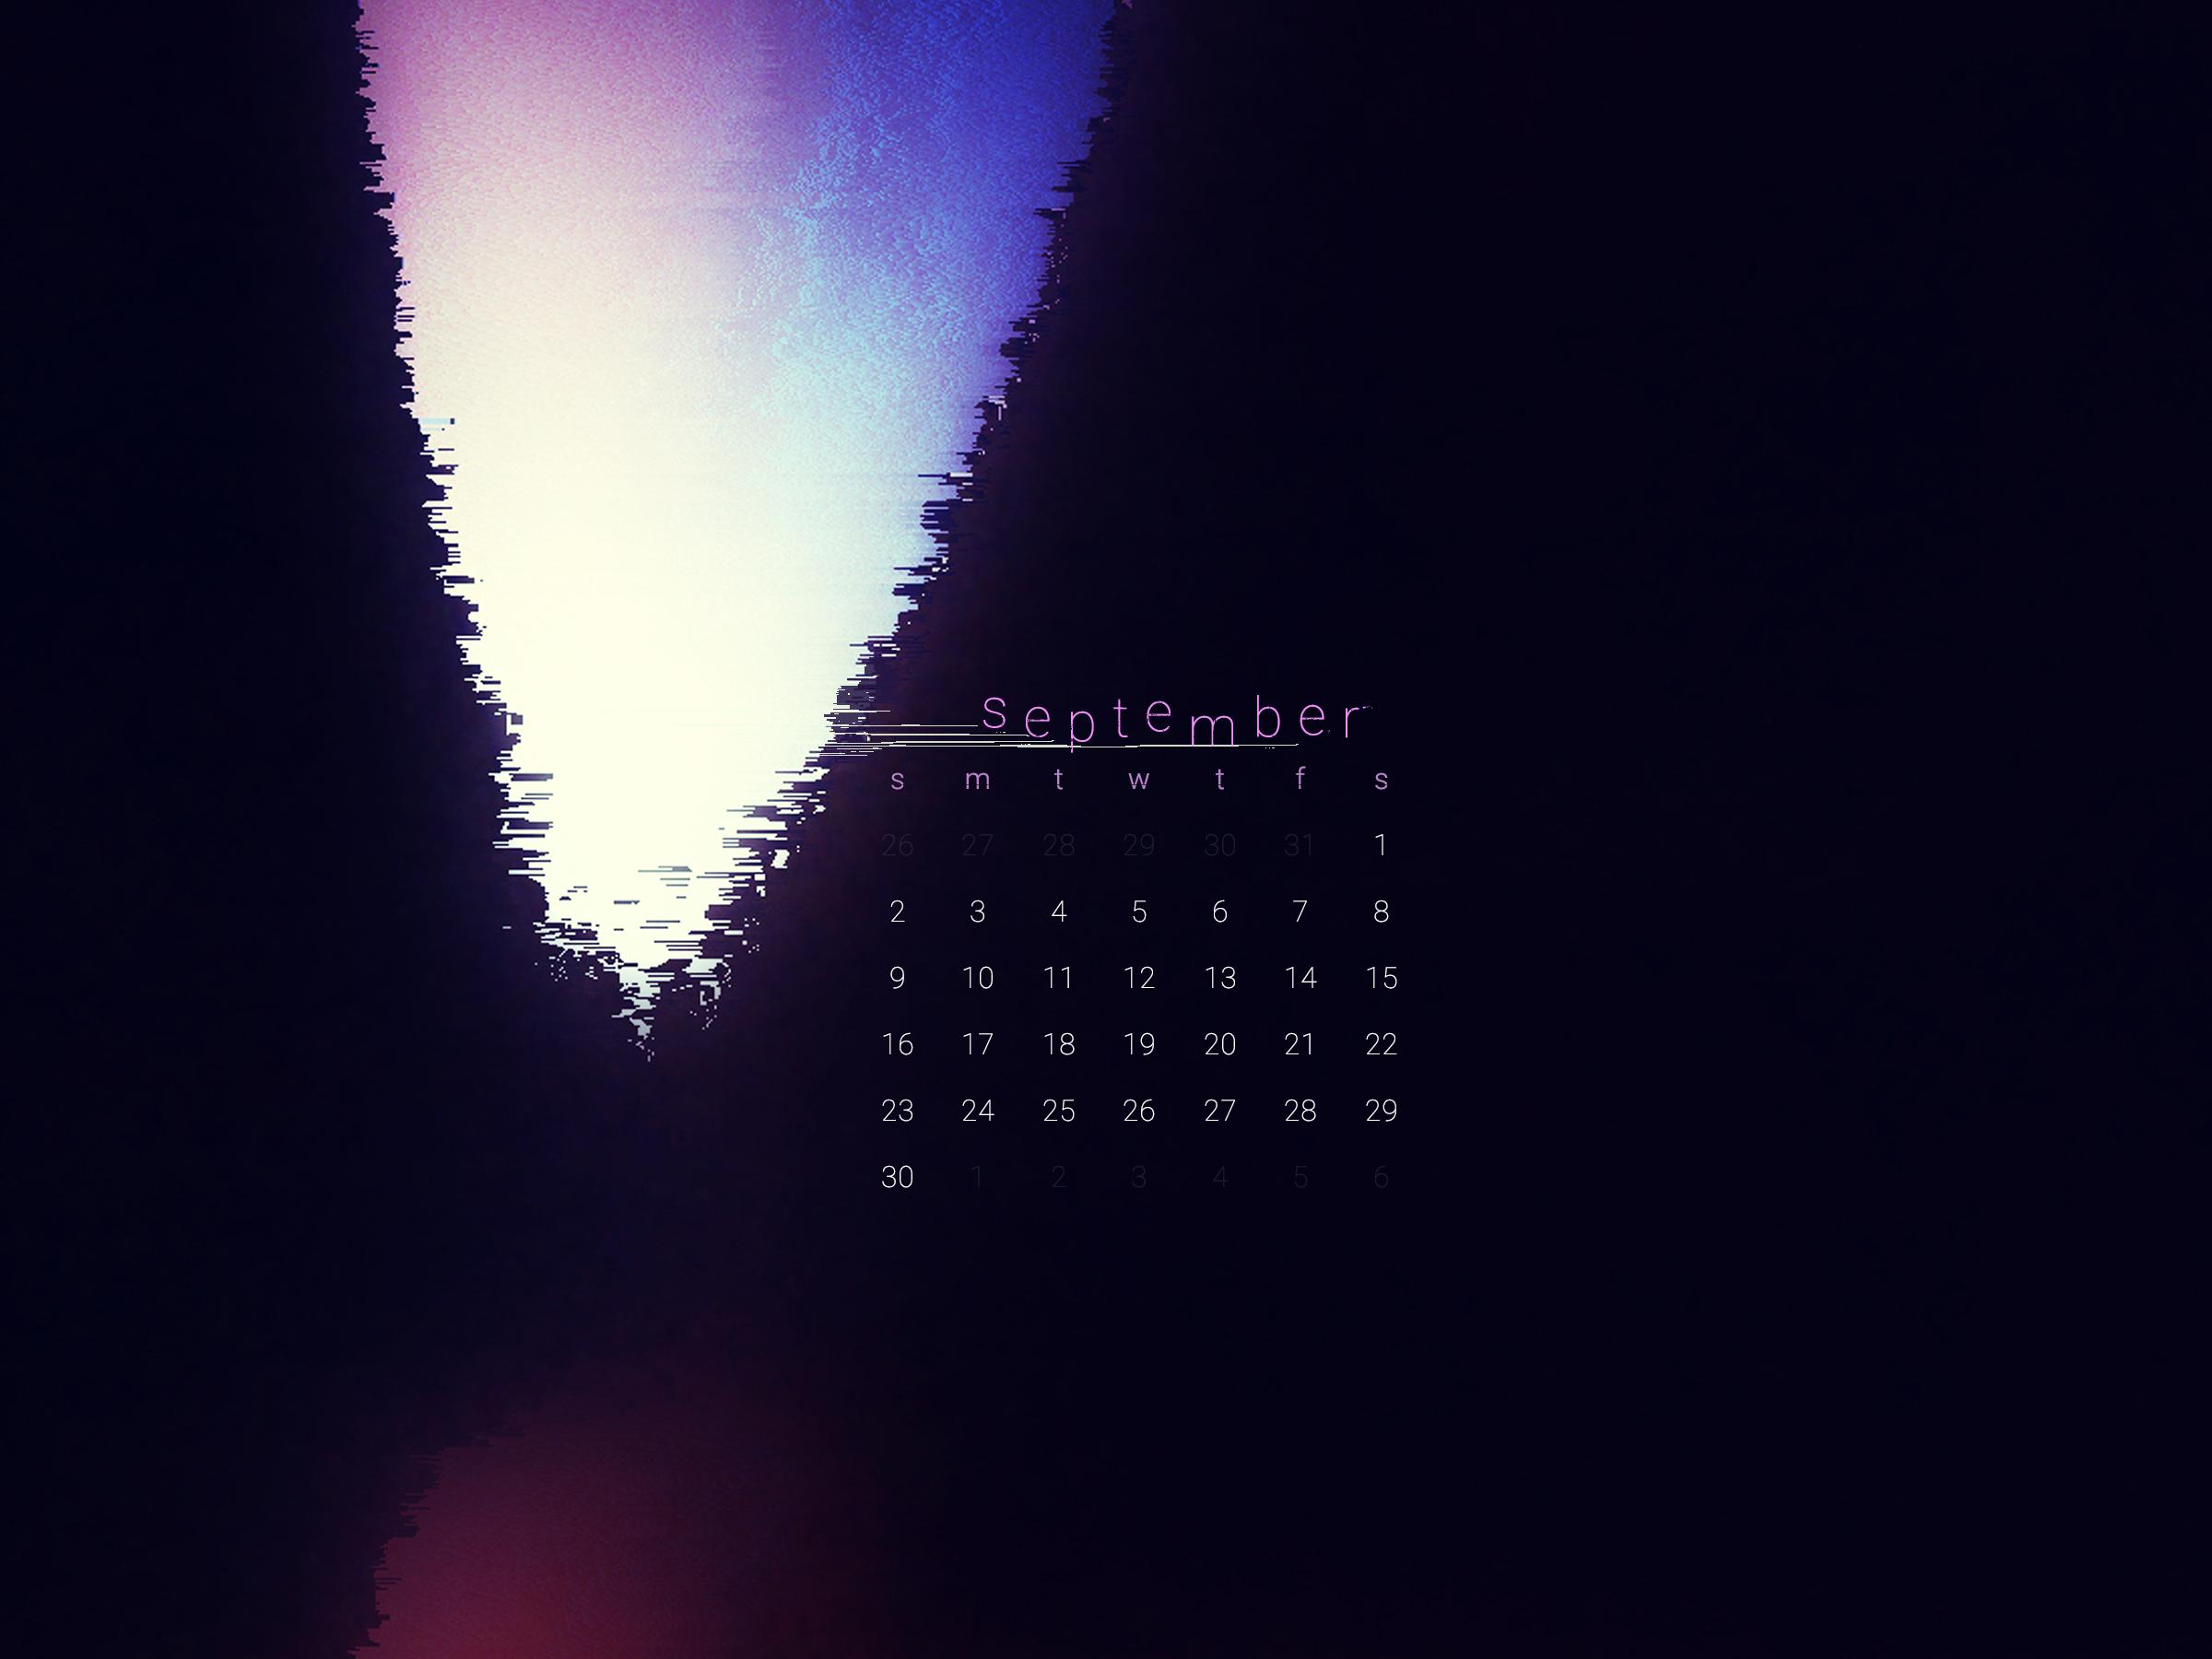 Kriegs 2018 september 2880x1800 calendar